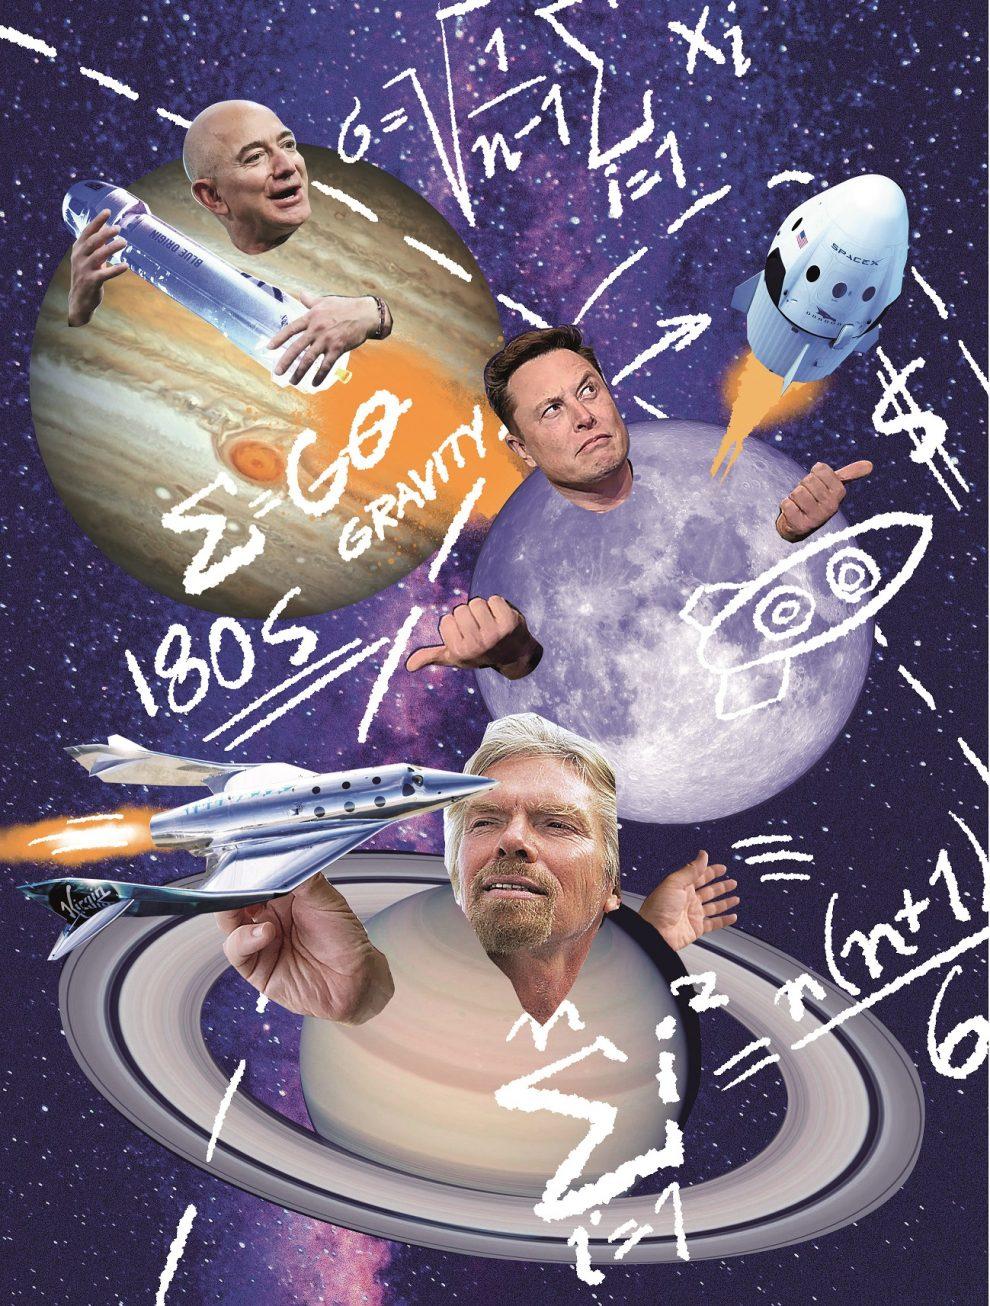 Vesmírný souboj miliardářů